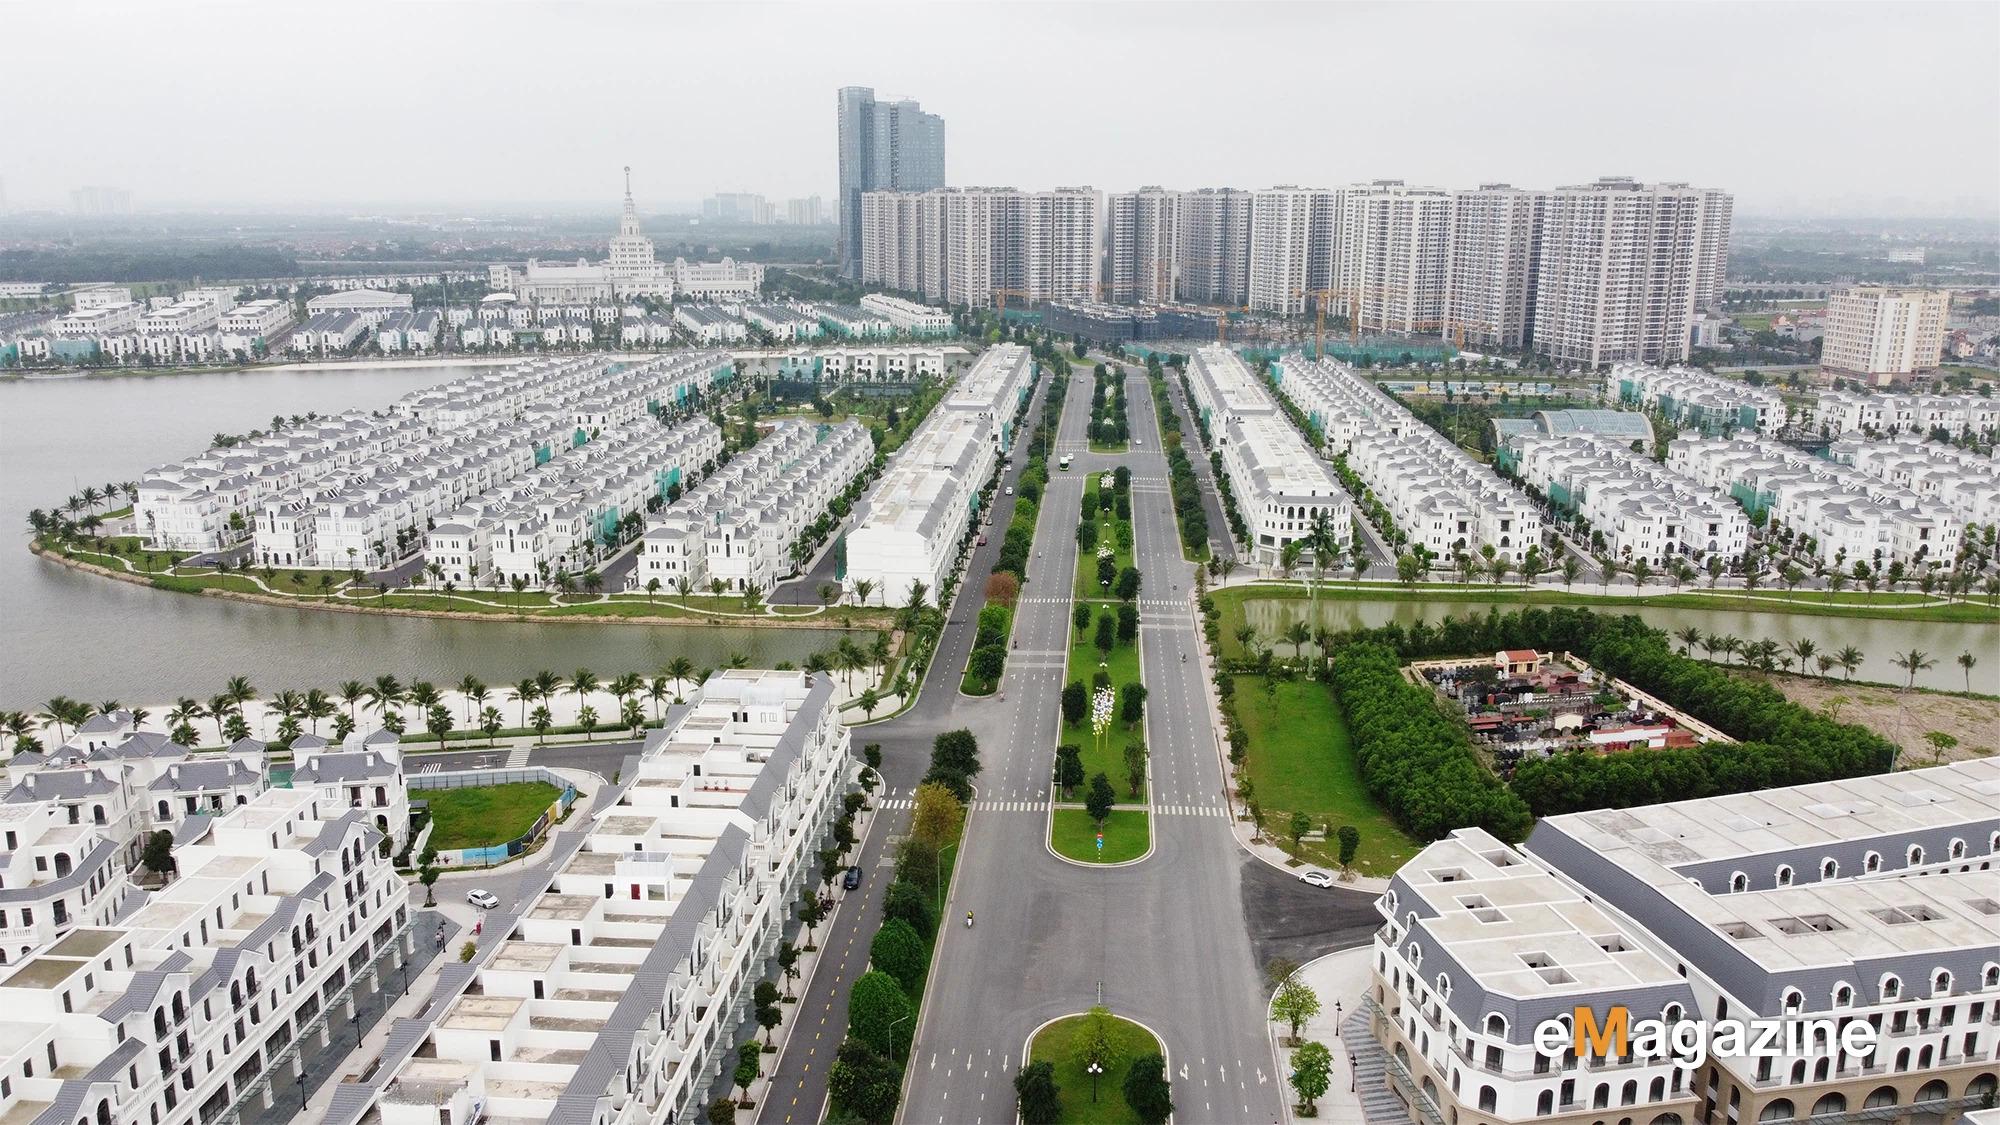 66 dự án mới đổ bộ thị trường bất động sản quý II, FLC, Vinhomes, Sungroup, Masterise Homes góp mặt - Ảnh 2.